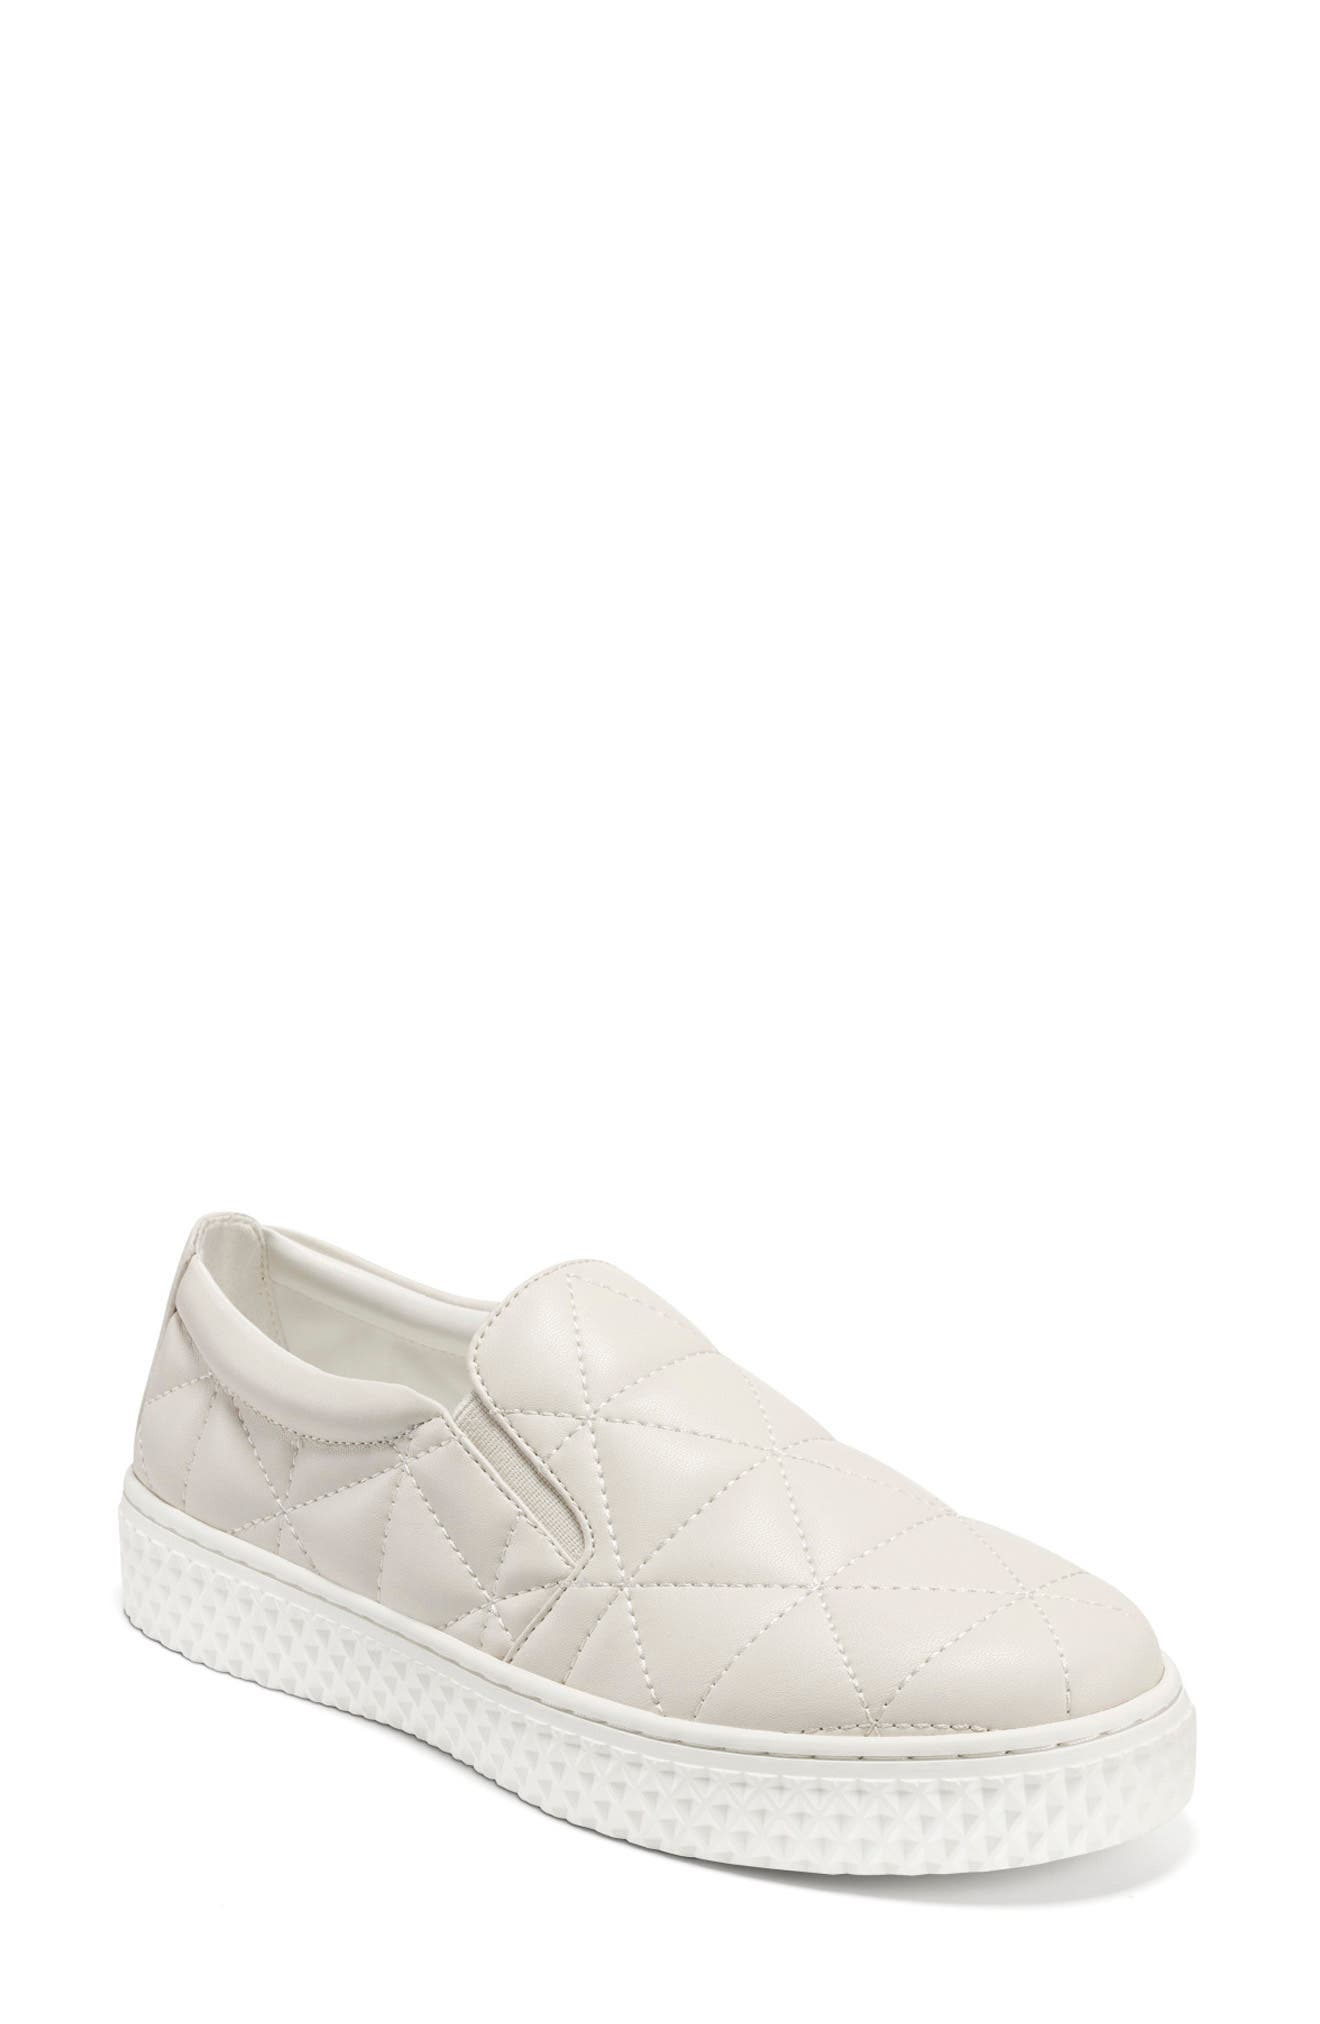 Aerosoles Sneakers ERIN QUILTED SLIP-ON SNEAKER